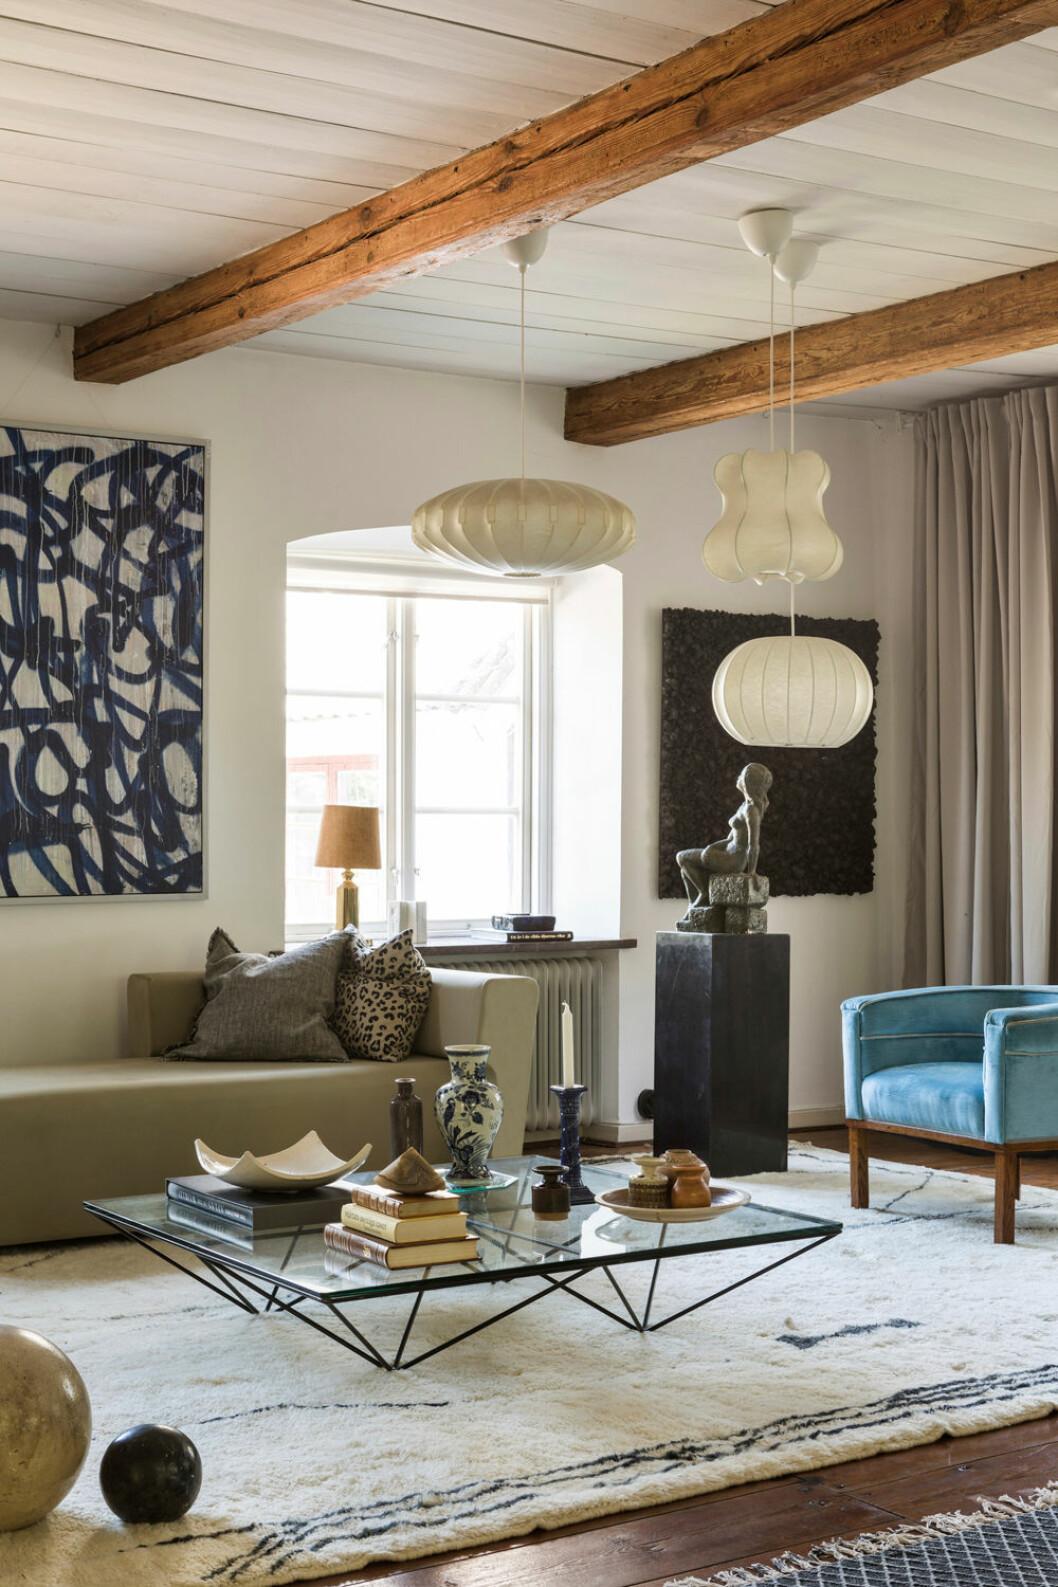 Hemma hos Fredrika Artndeco vardagsrum blå fåtölj lampor